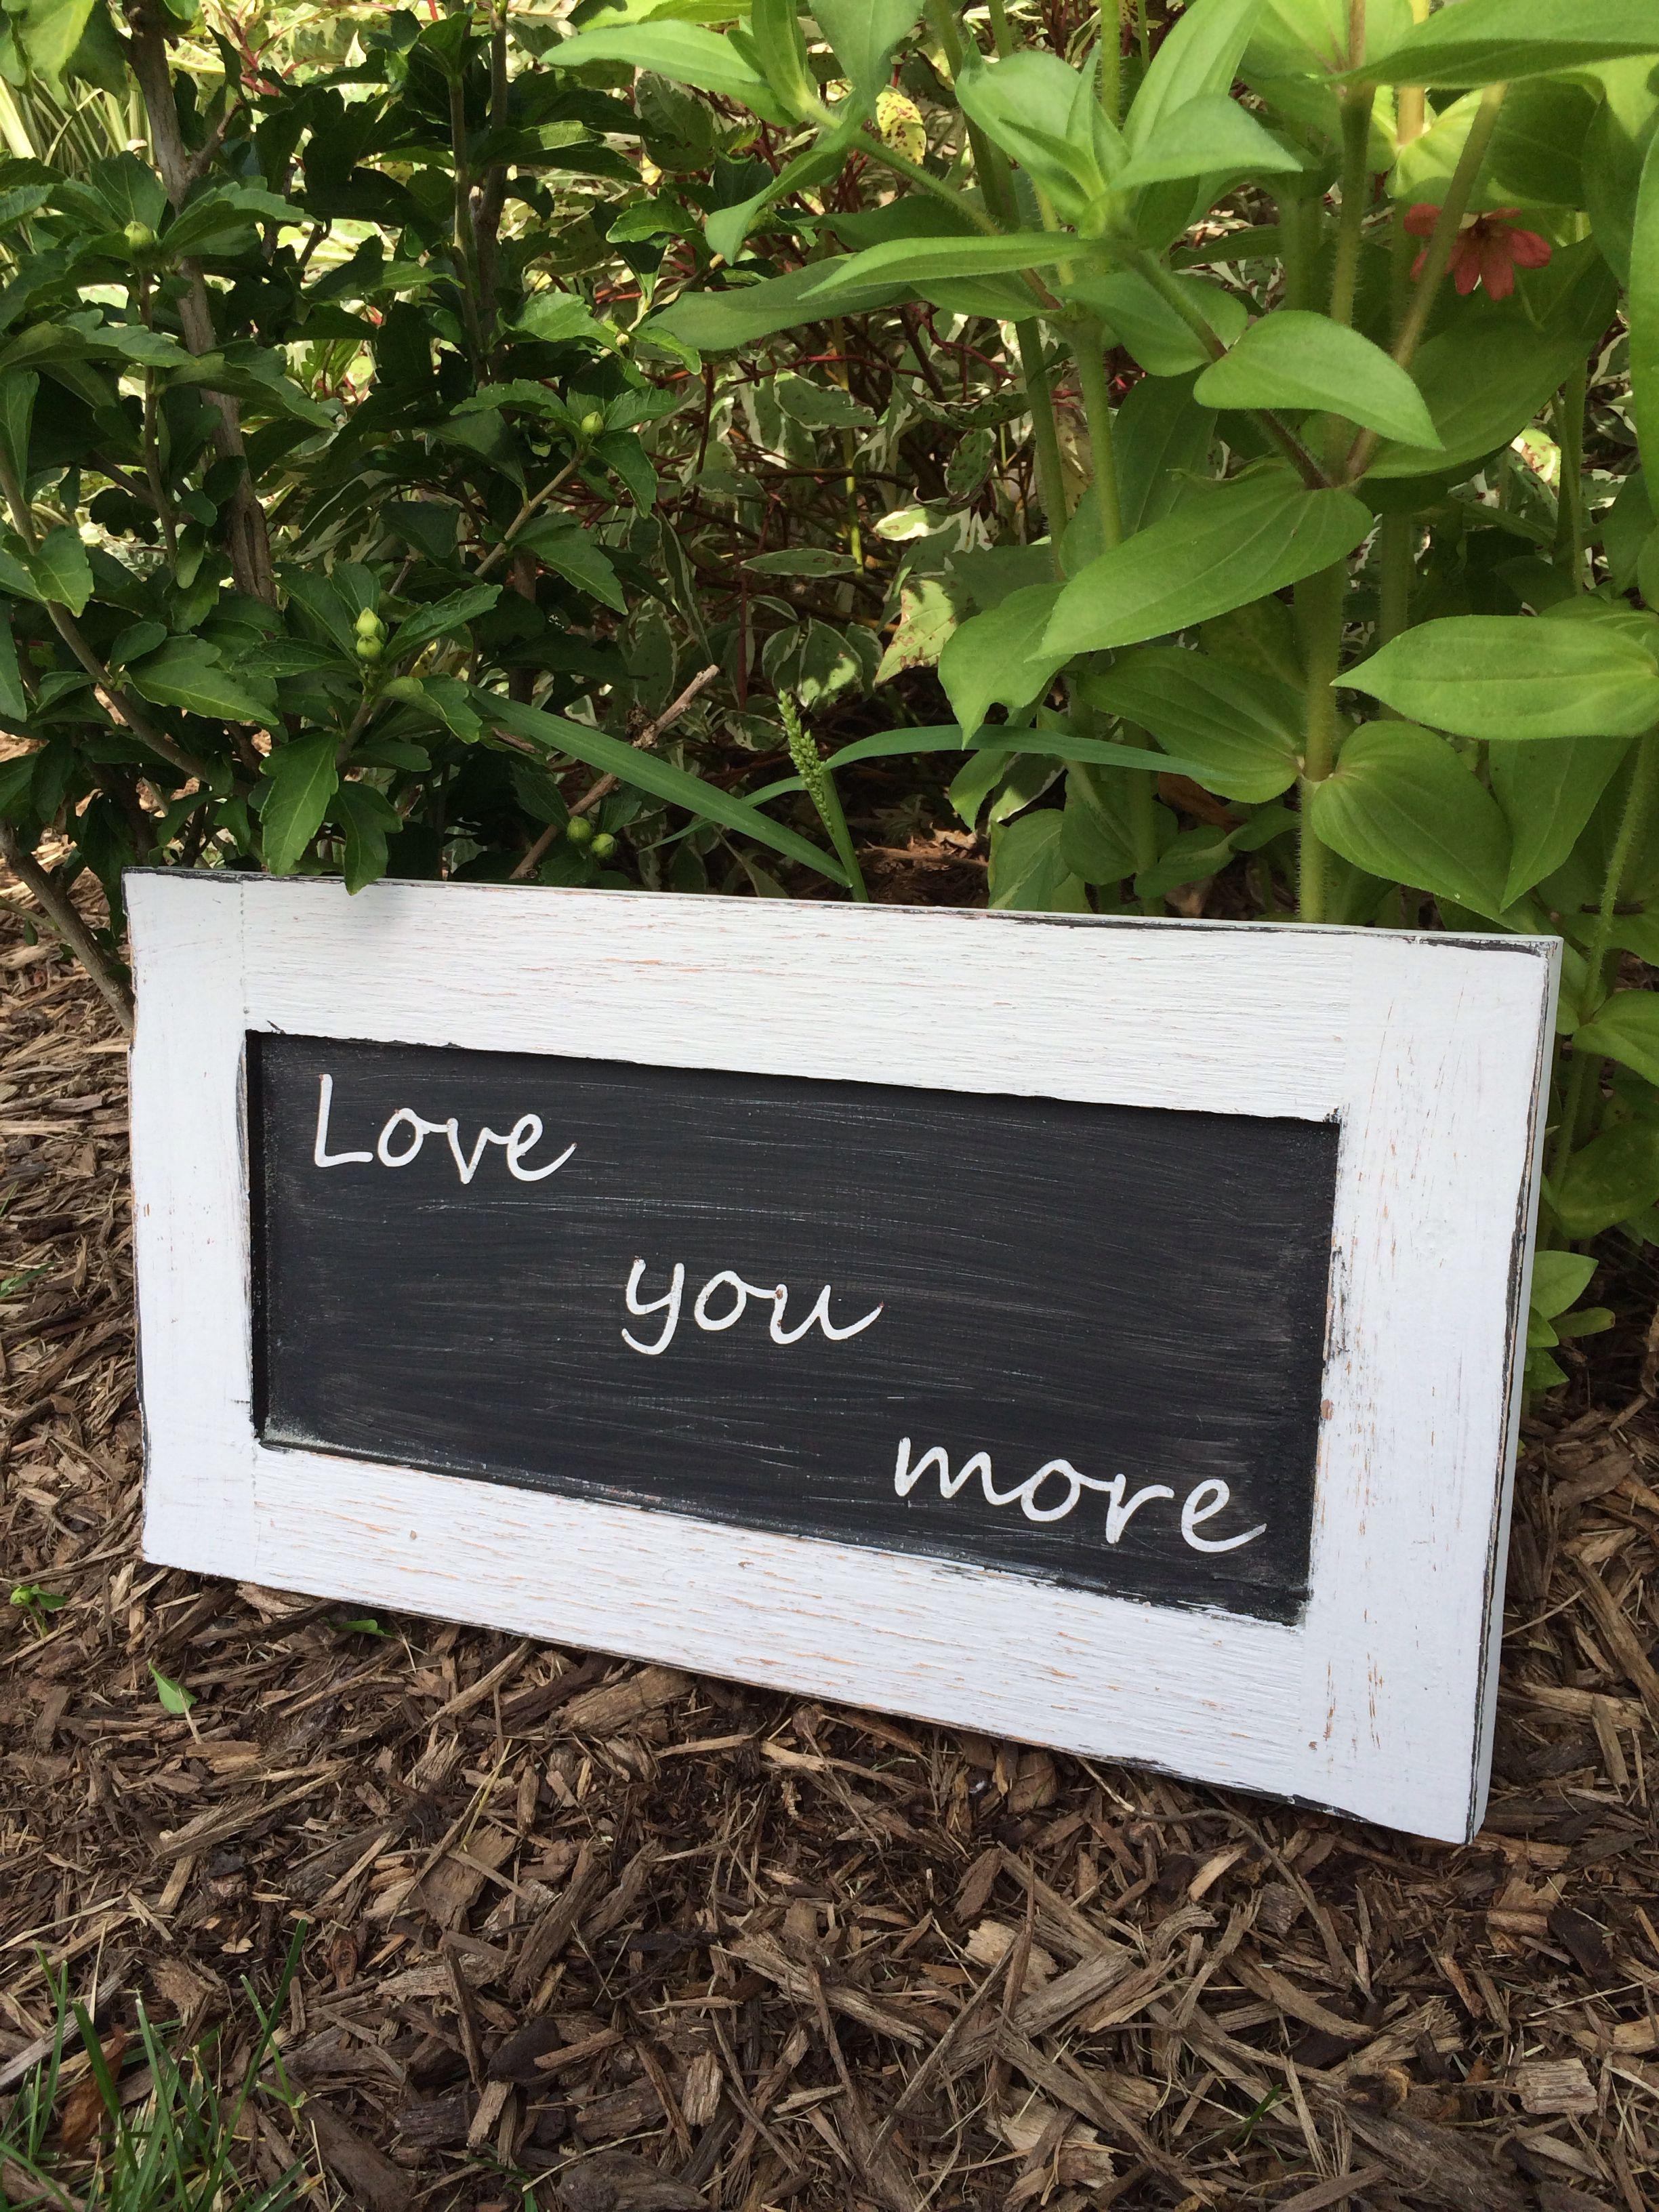 Love you more. Old oak cabinet door.